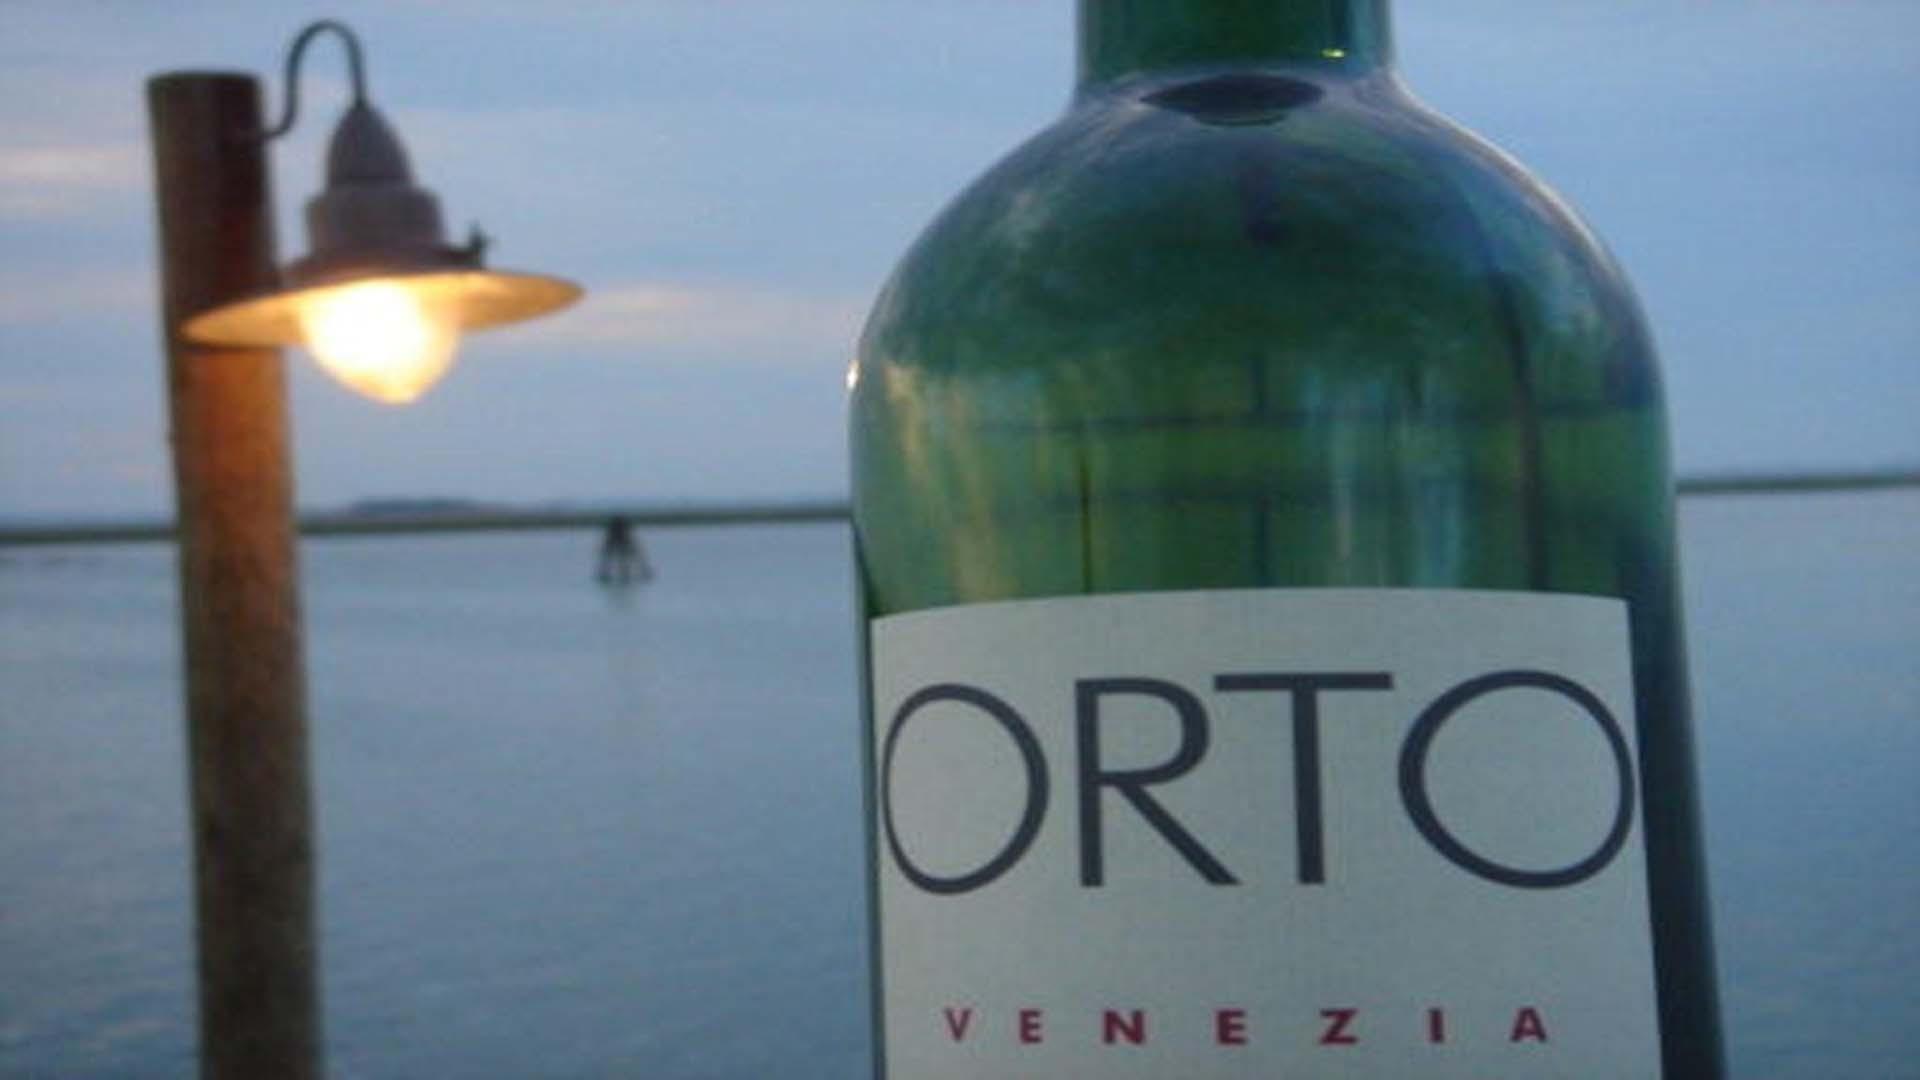 Azienda vinicola ORTO di Venezia